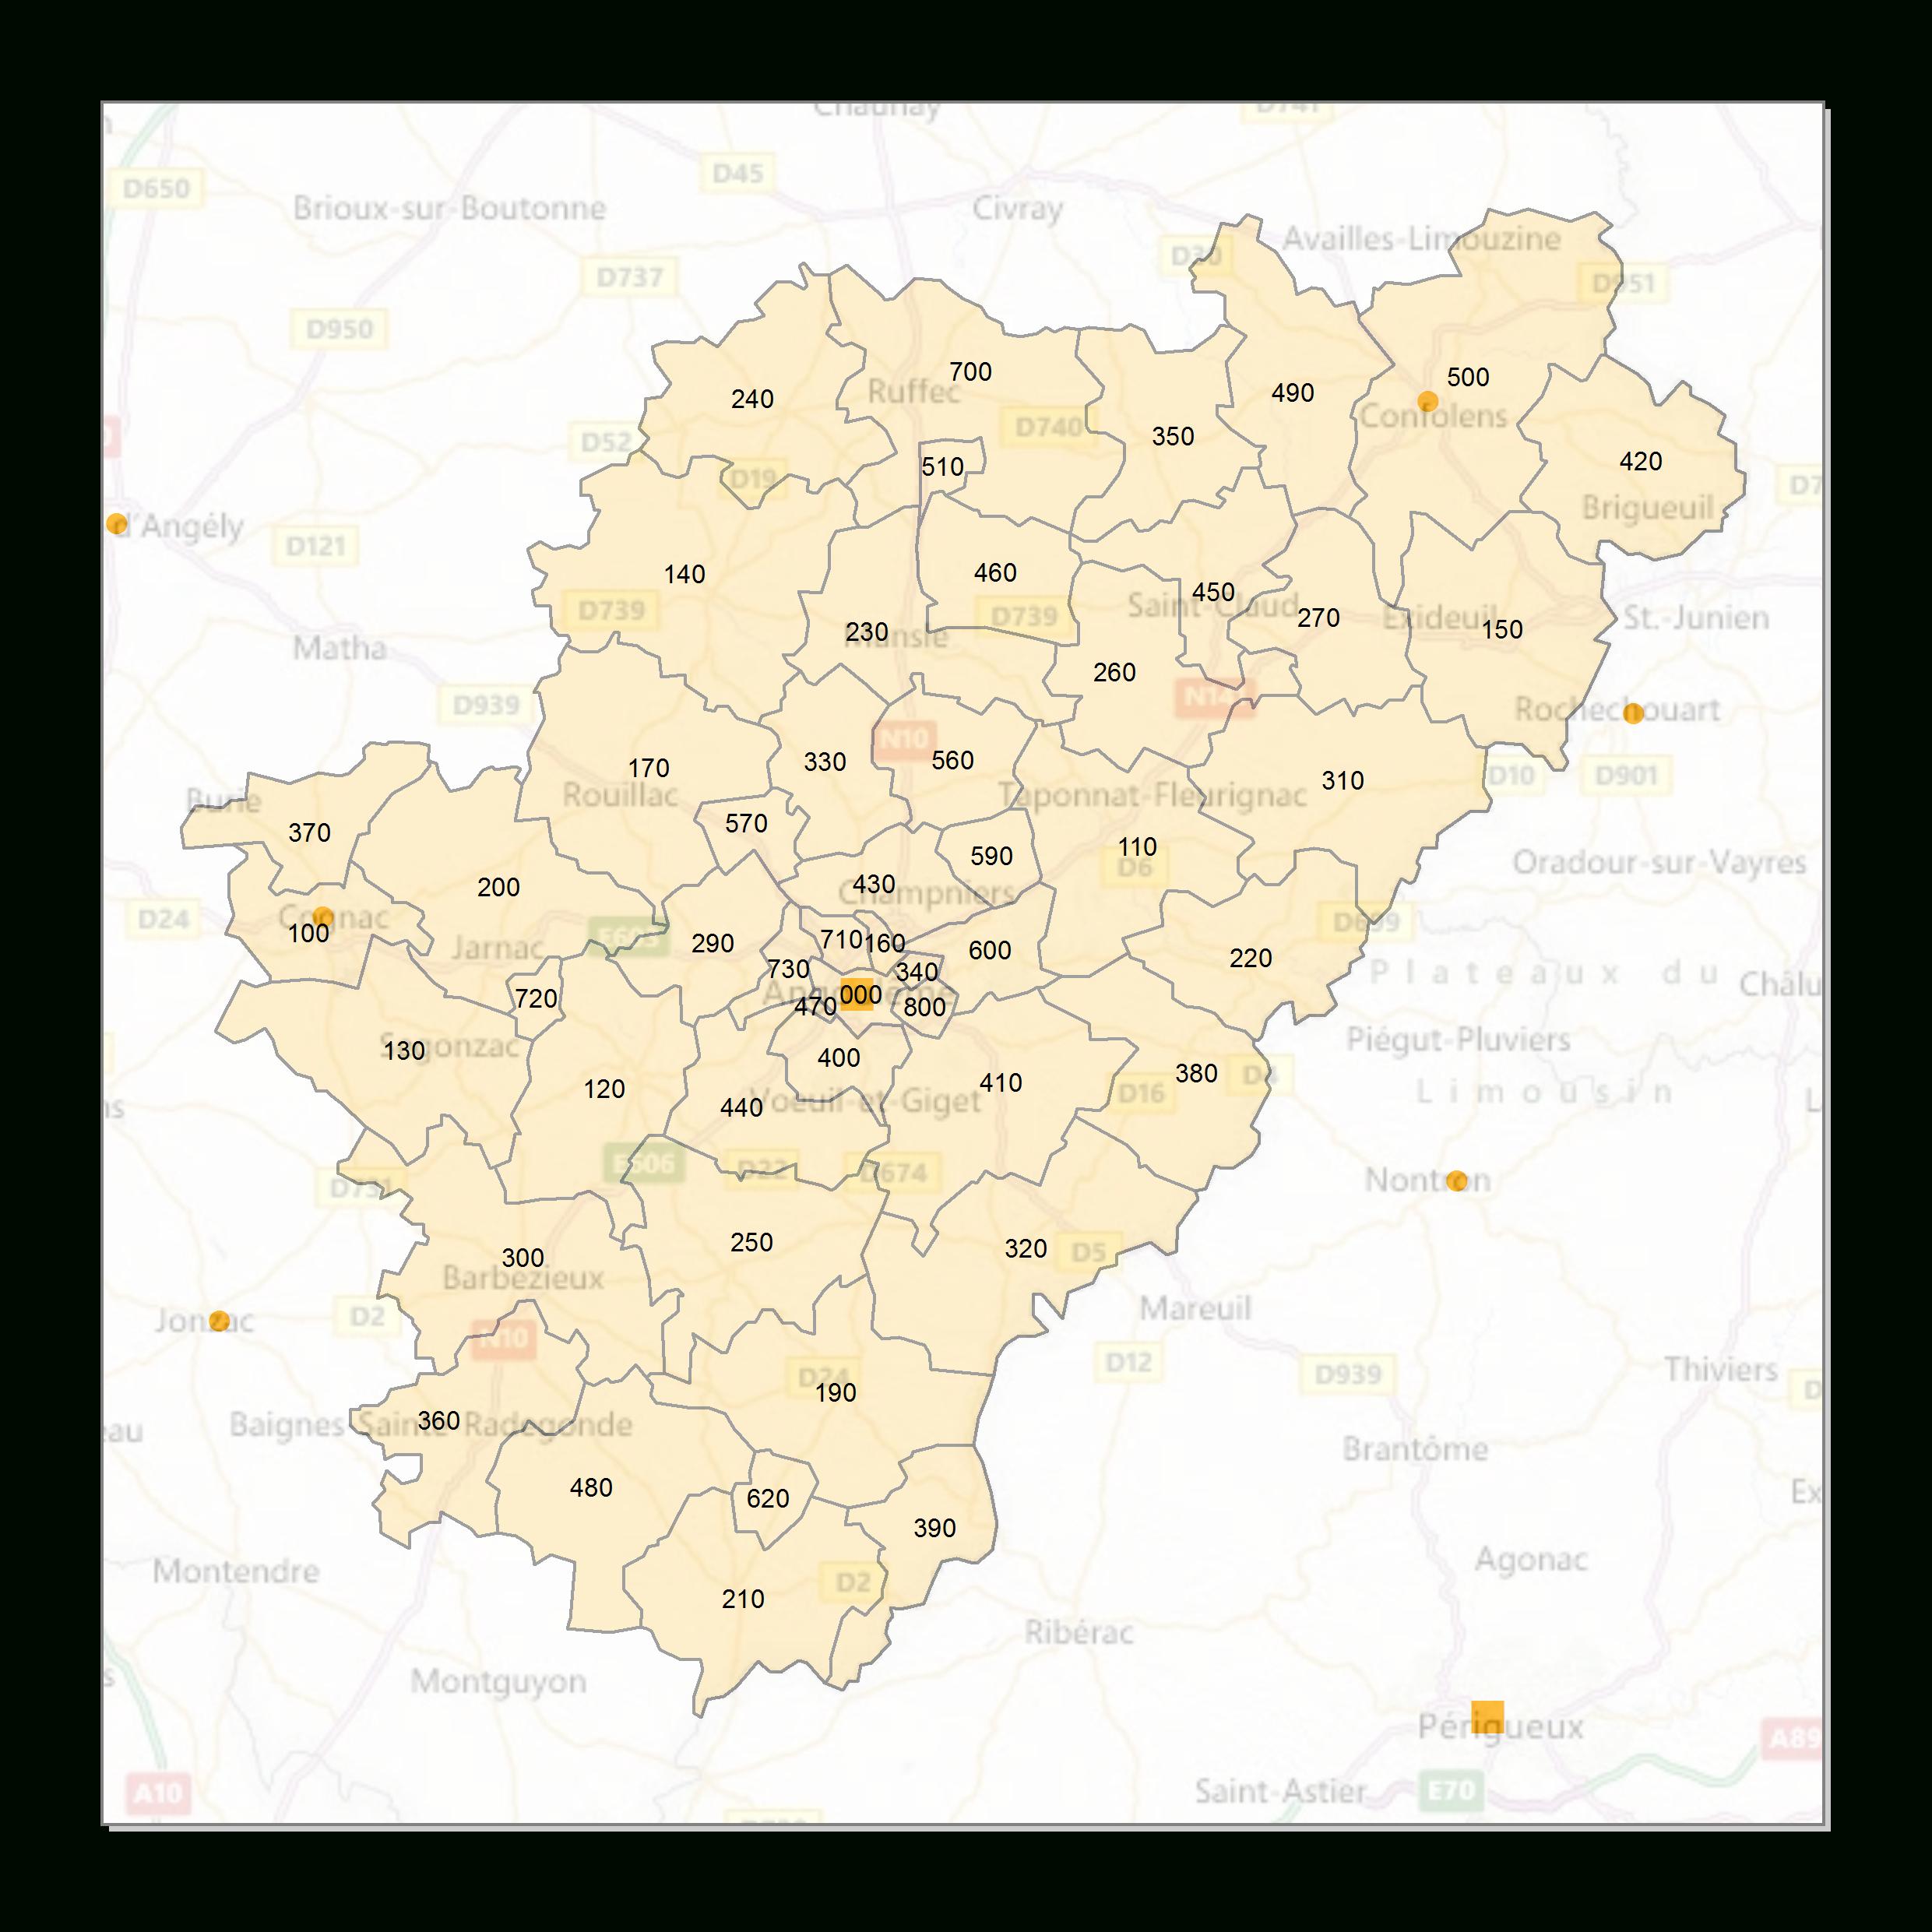 Atlas Des Codes Postaux - Cartes Des Départements De France intérieur Carte Numero Departement